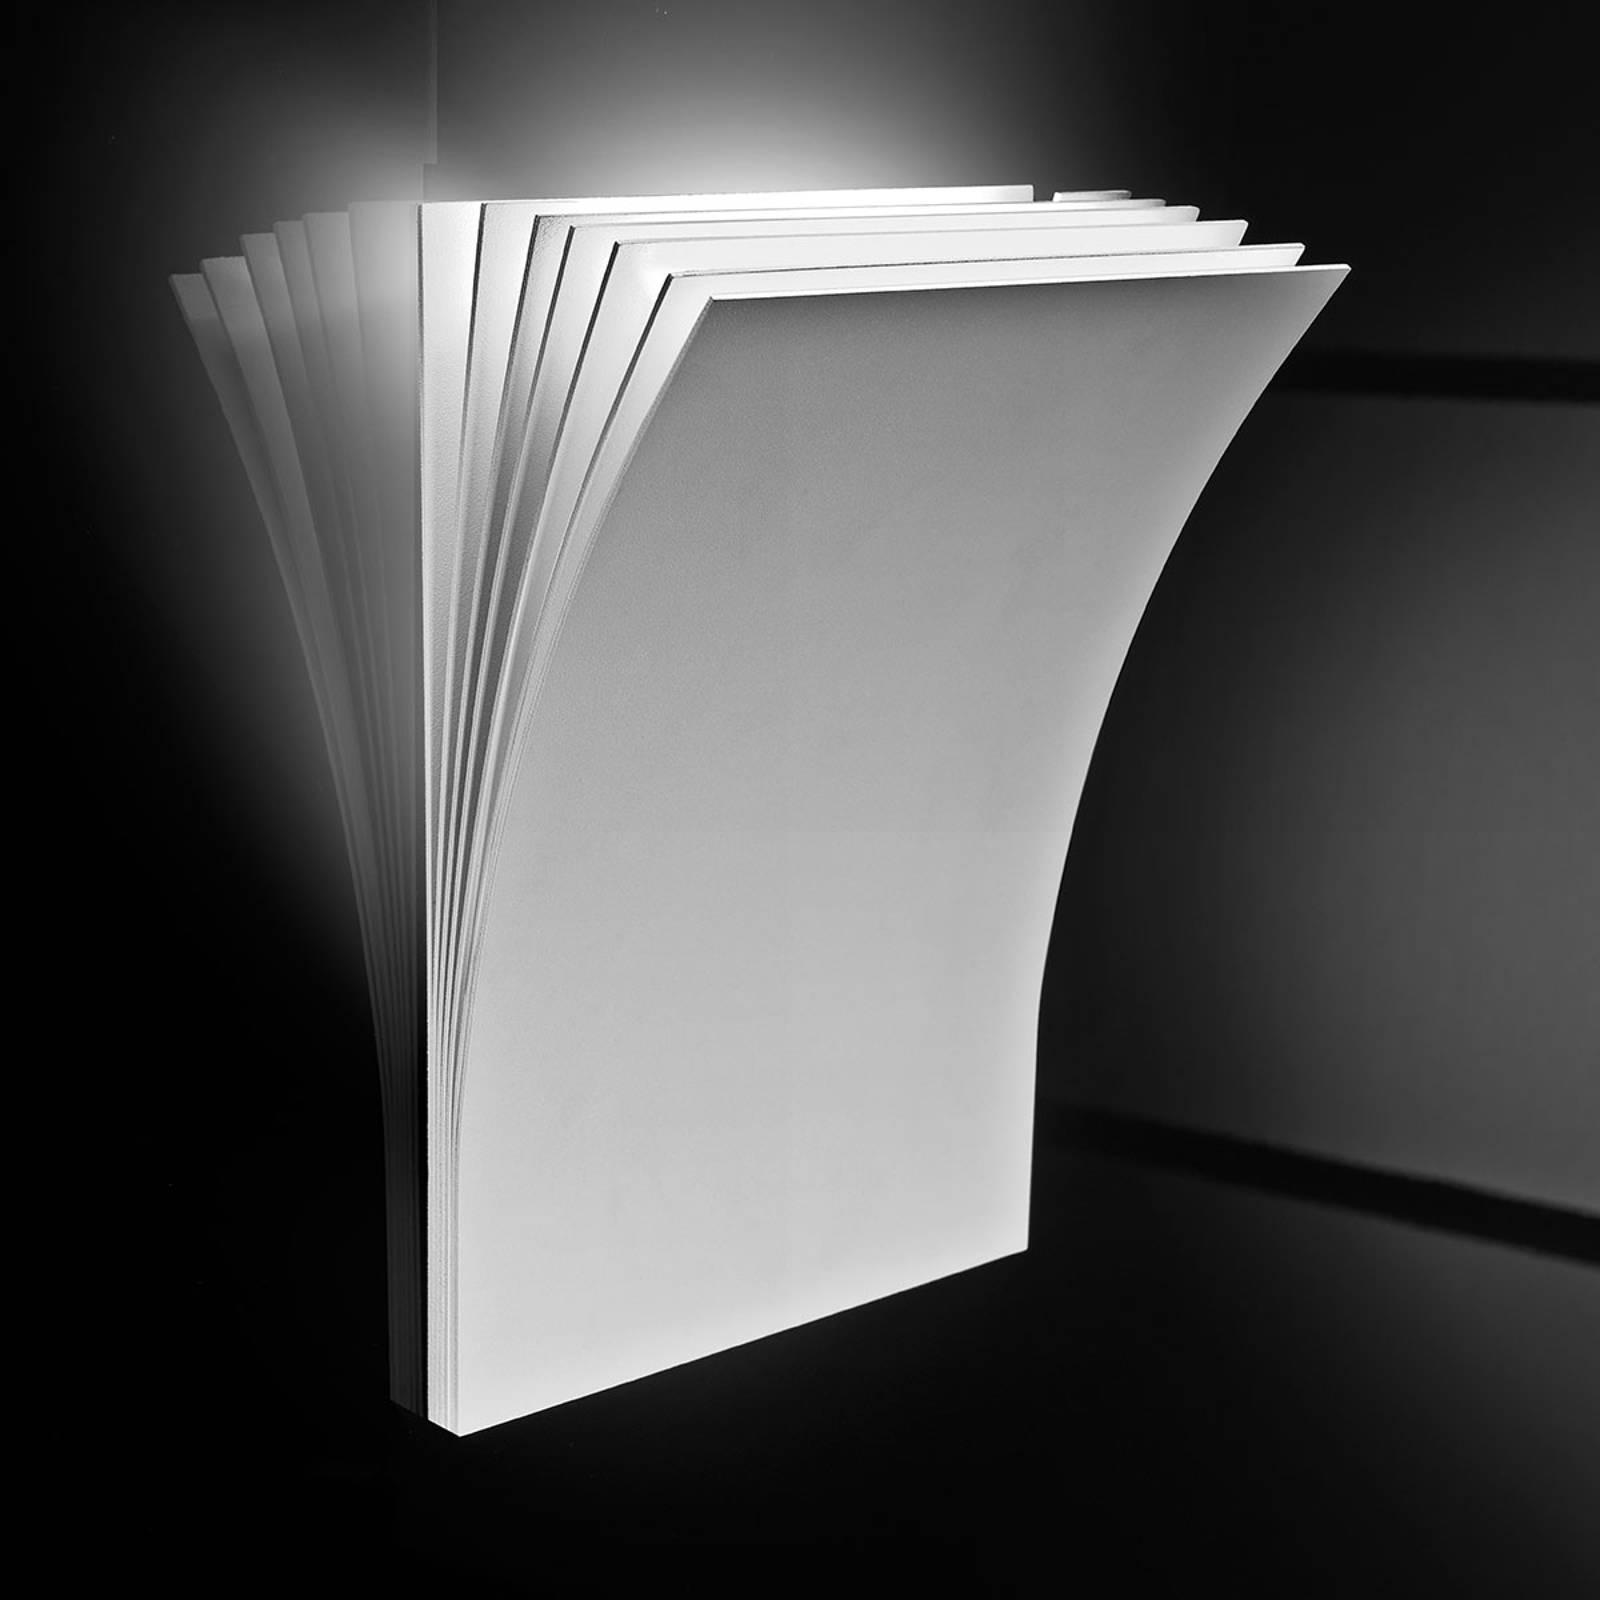 Axolight Polia LED-seinävalaisin, valkoinen 19 cm